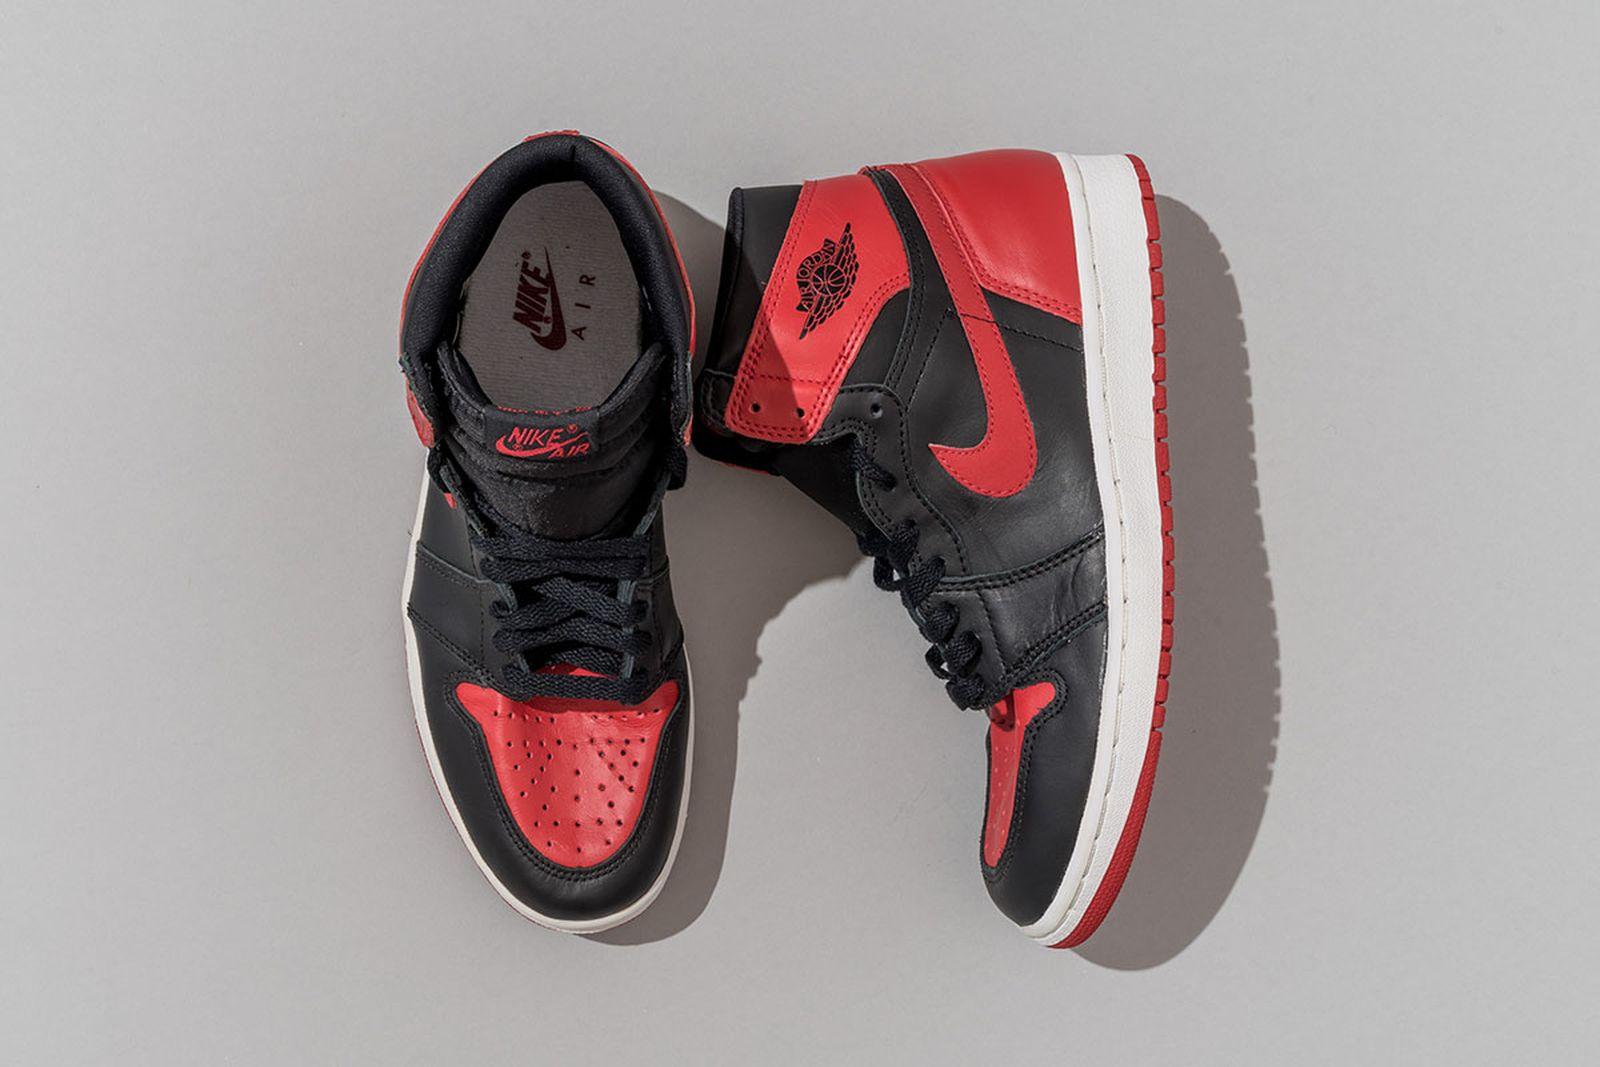 1994 Air Jordan 1 Black/red